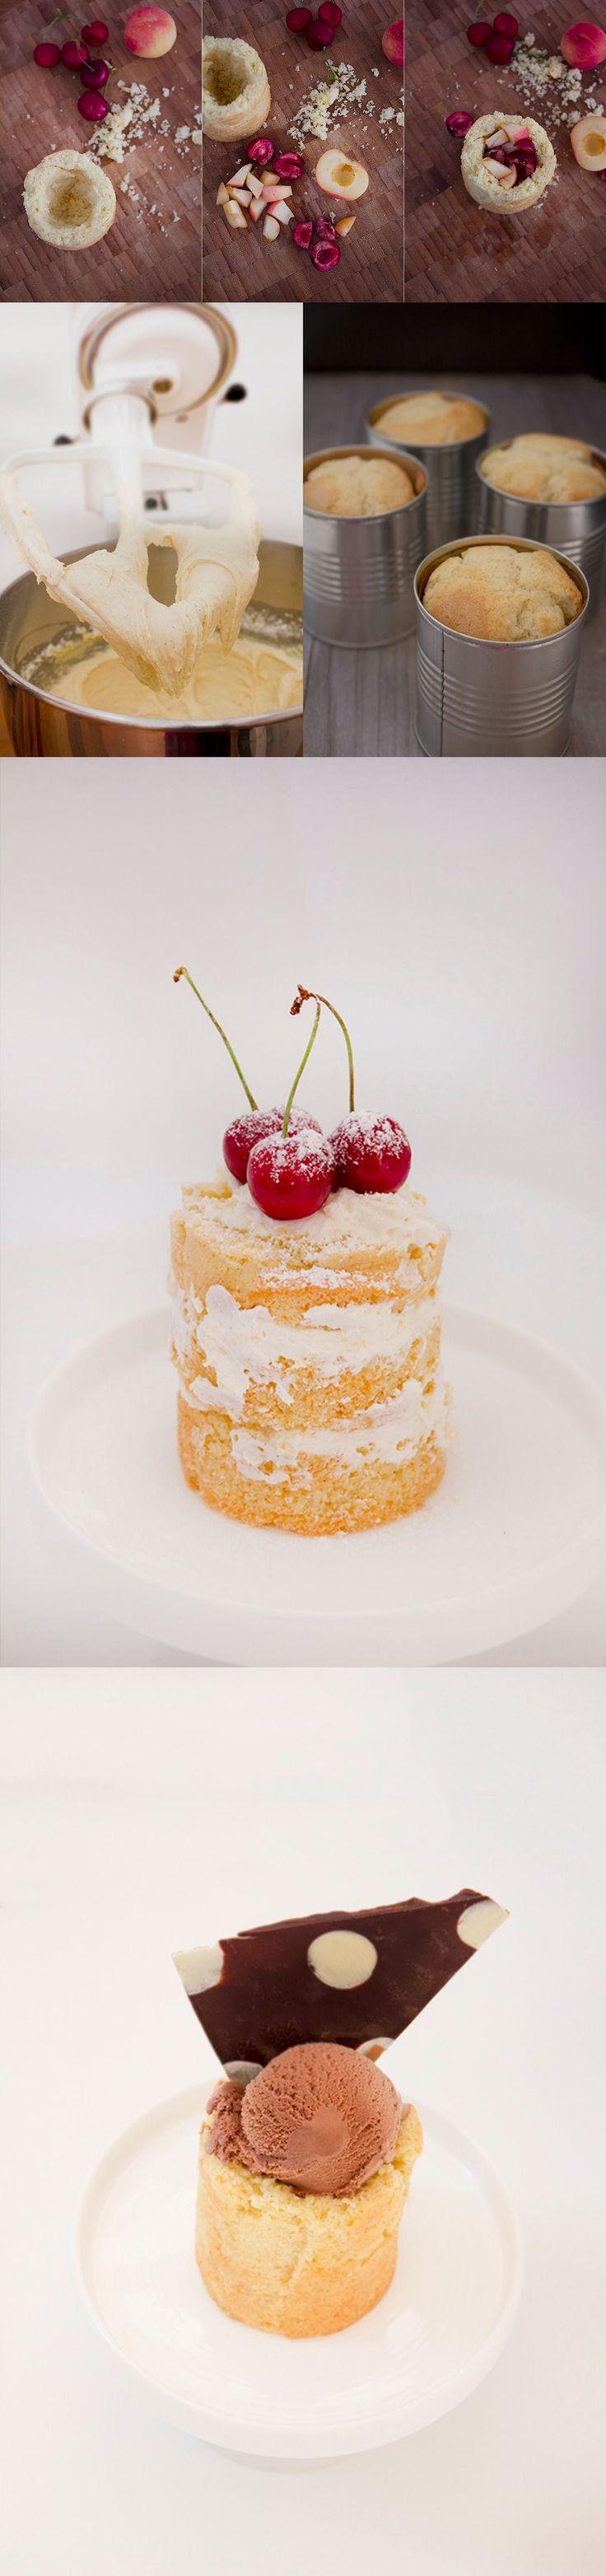 Mini tarta de vainilla en lata